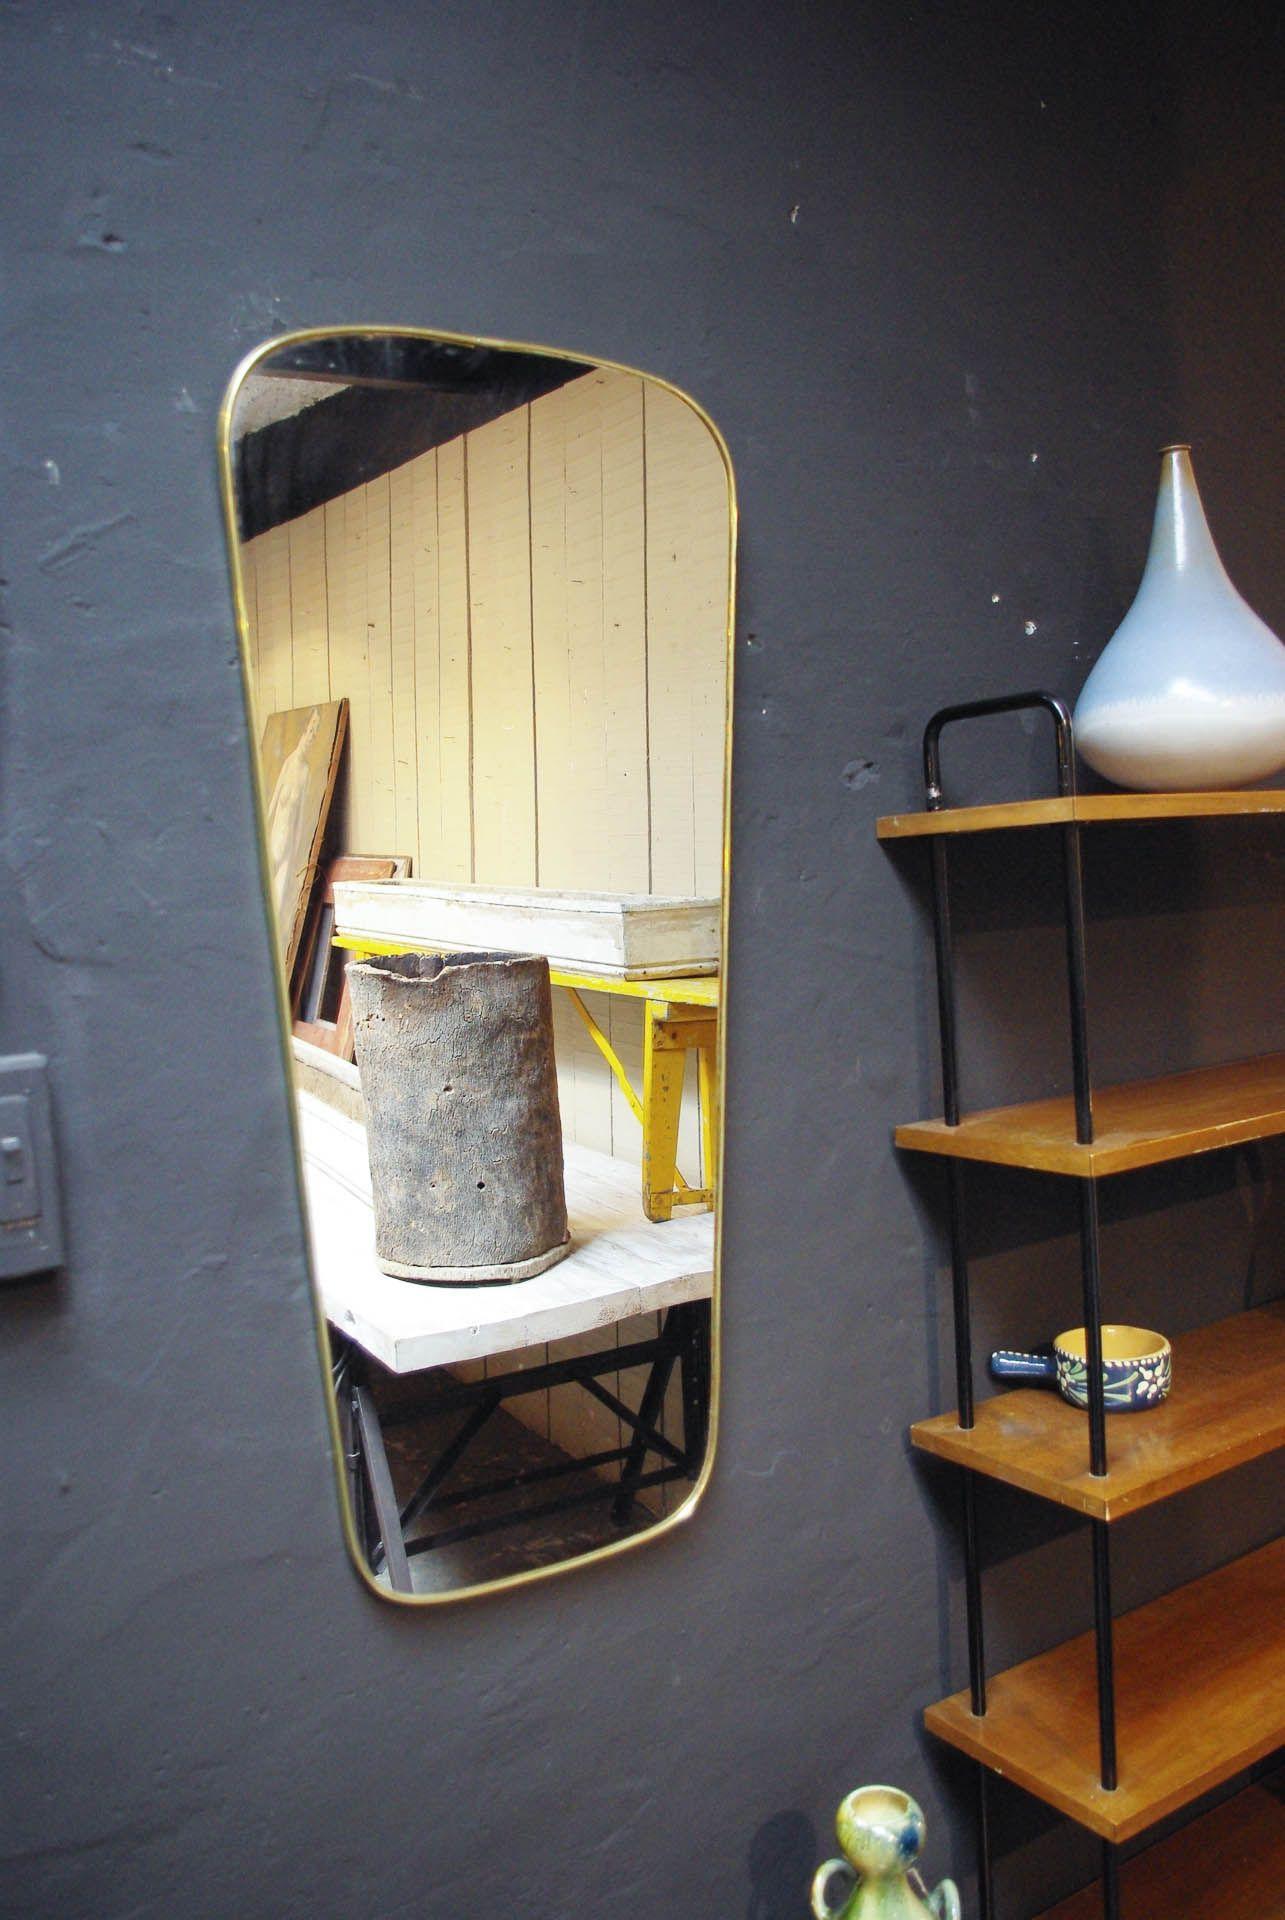 Miroir Année 50 miroir des années 50 - le marchand d'oublis | mirrors | pinterest